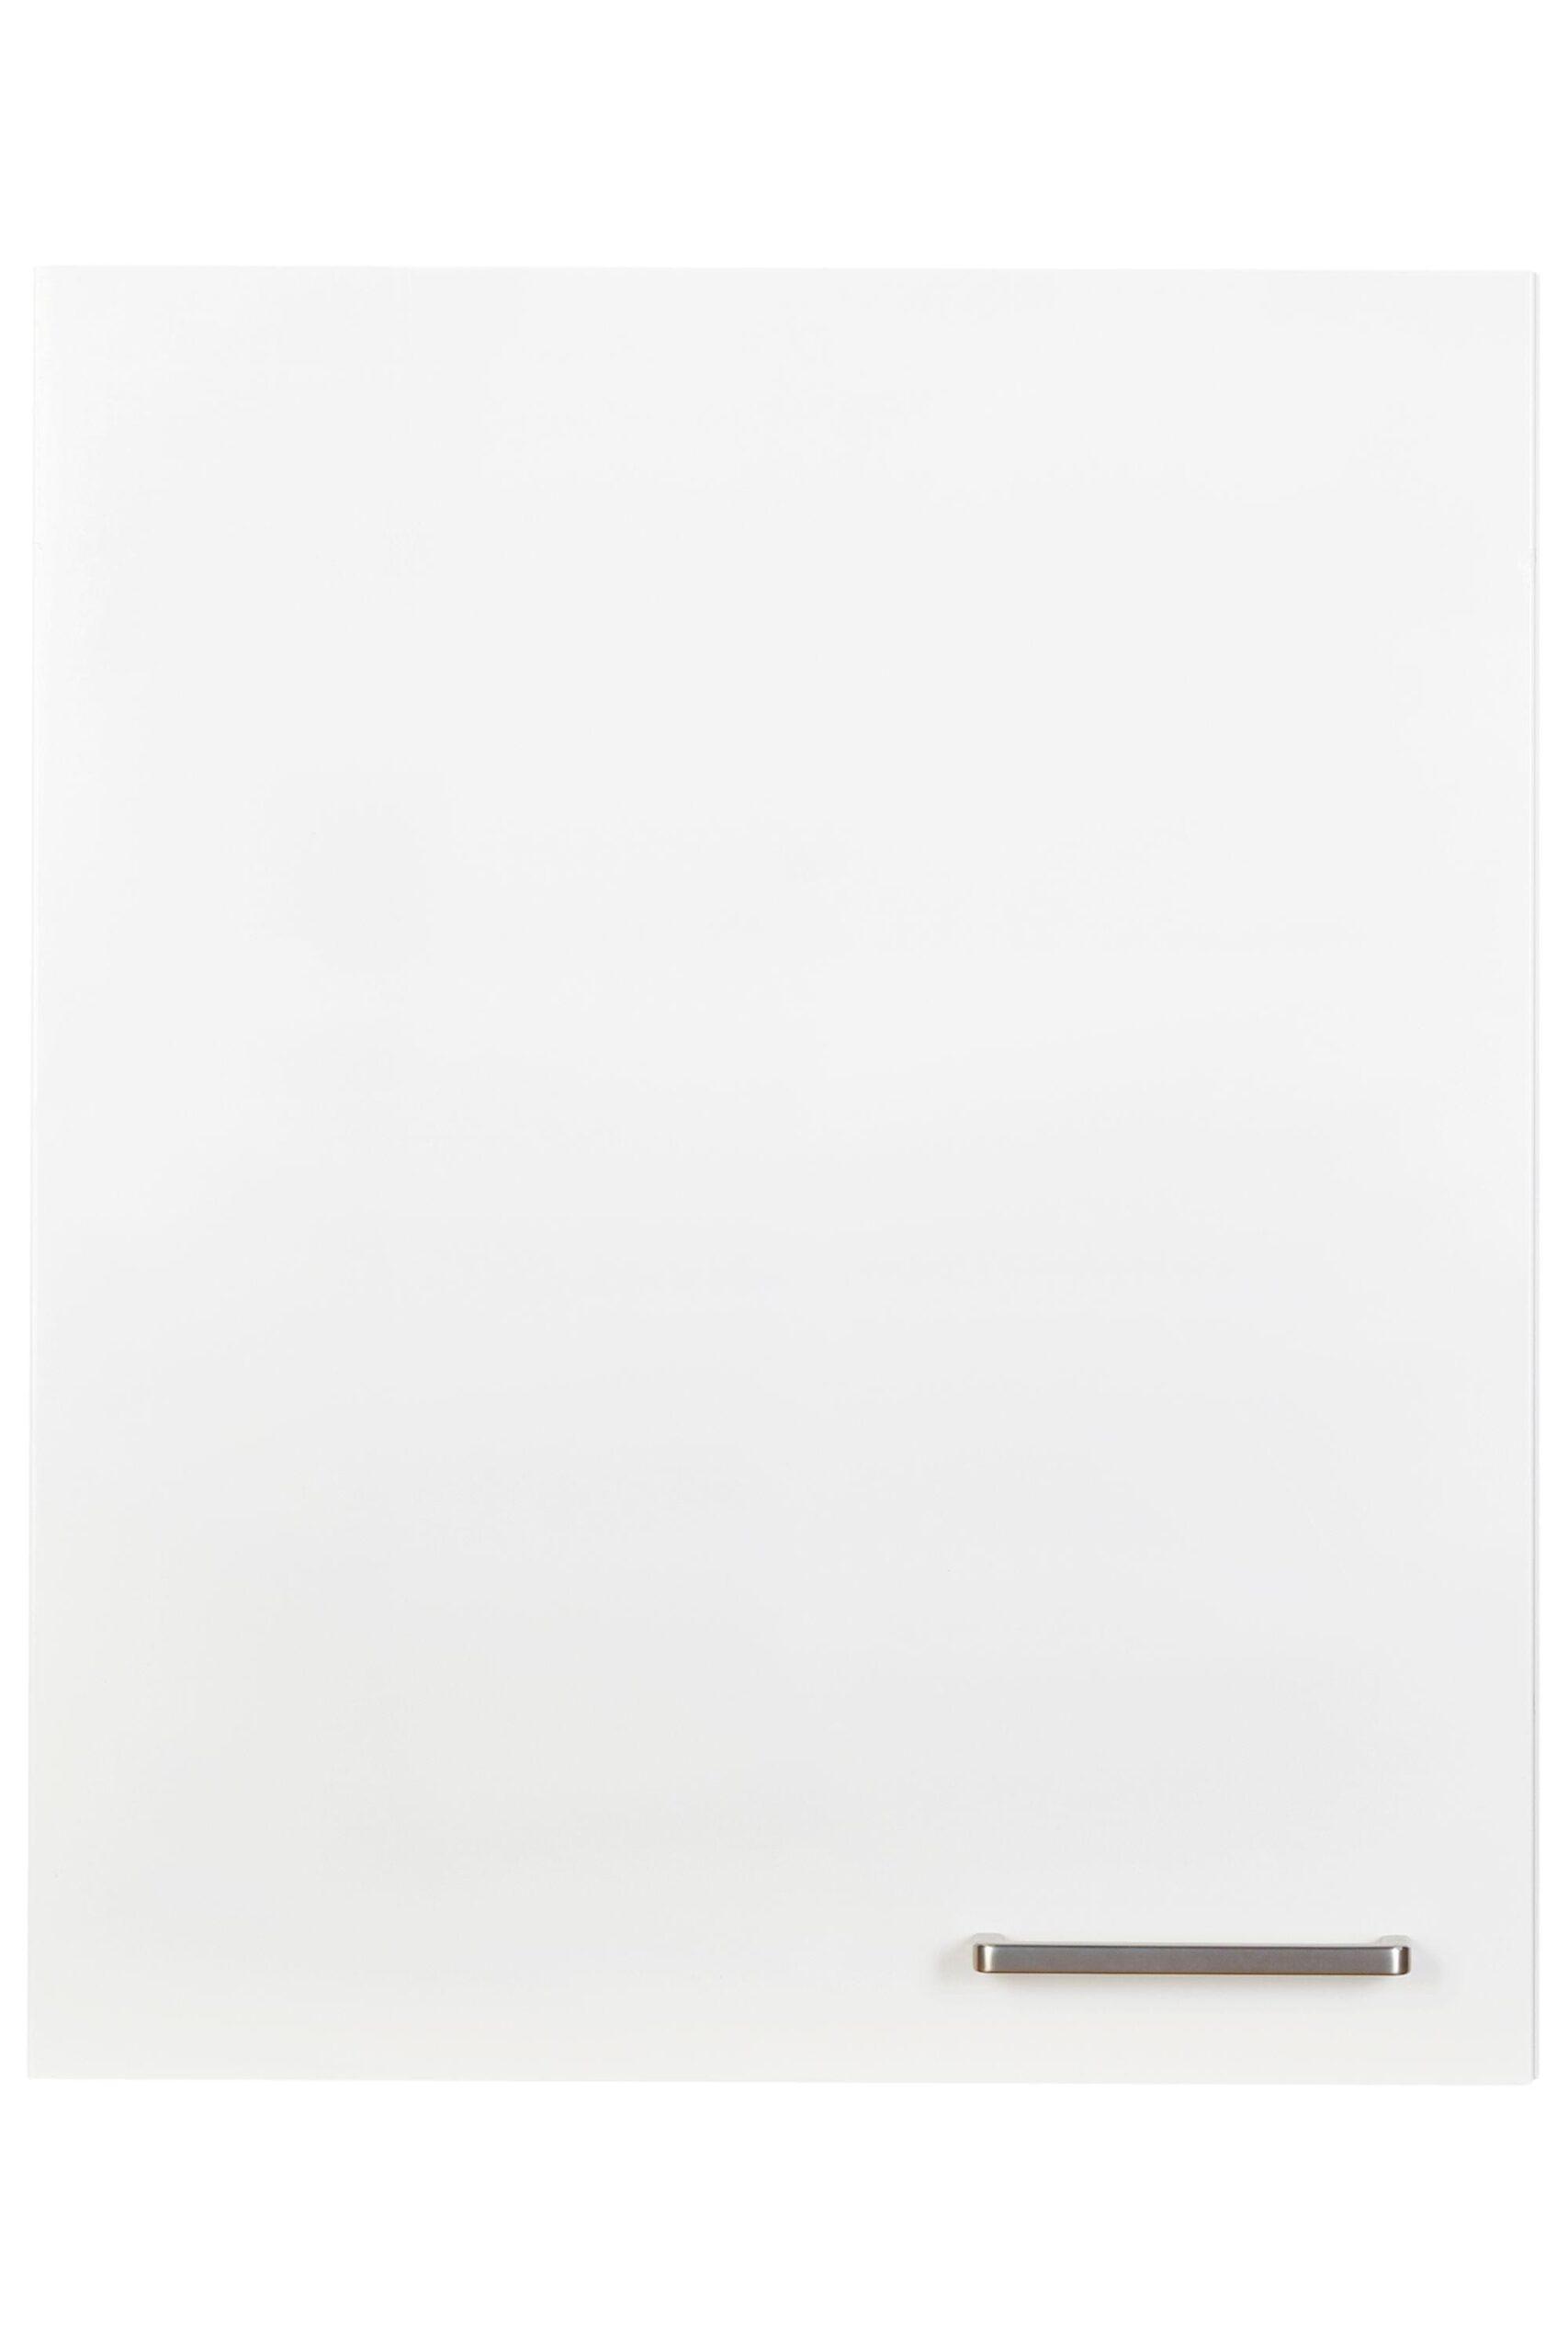 Full Size of Nobilia Wandschrank Kchen Hngeschrank In 30cm 45cm 60cm Wei Schlafzimmer Kommode Weiß Bett 180x200 Badezimmer Hochschrank Hochglanz Regal Offenes 90x200 Mit Wohnzimmer Küchen Hängeschrank Weiß